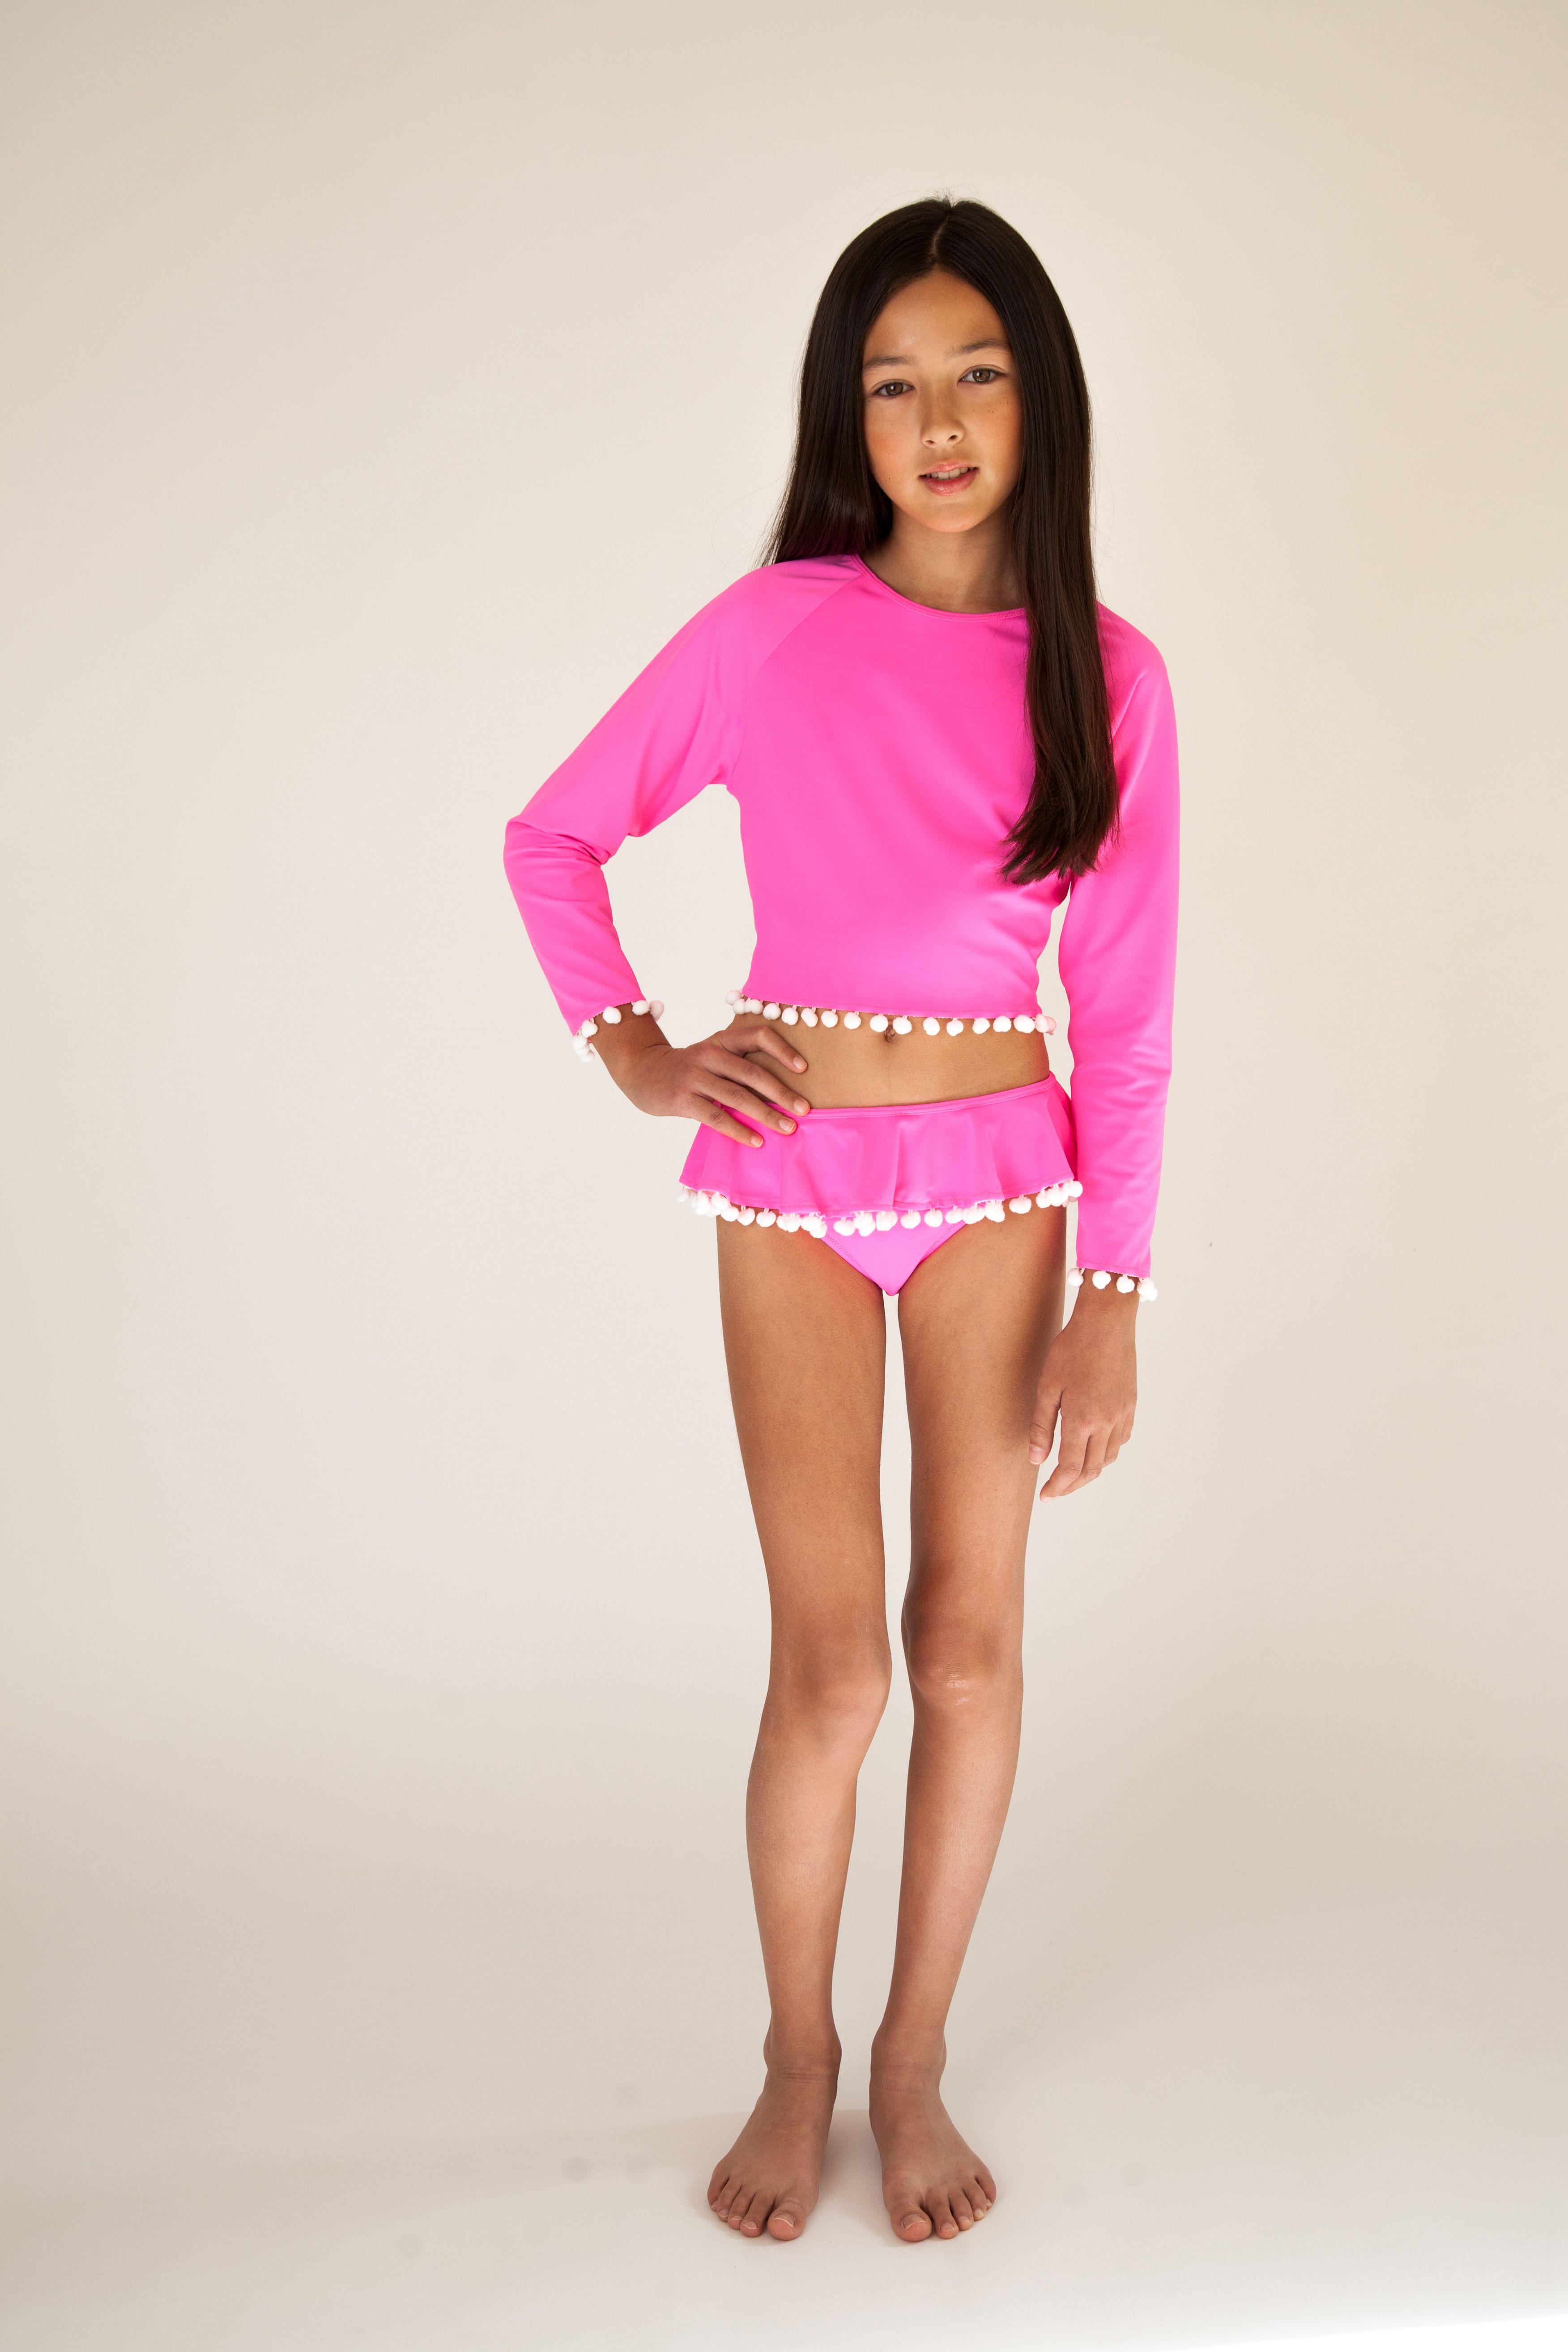 Pin von Stella Cove - Beautiful Girls Beachwear auf Neon Pink ...